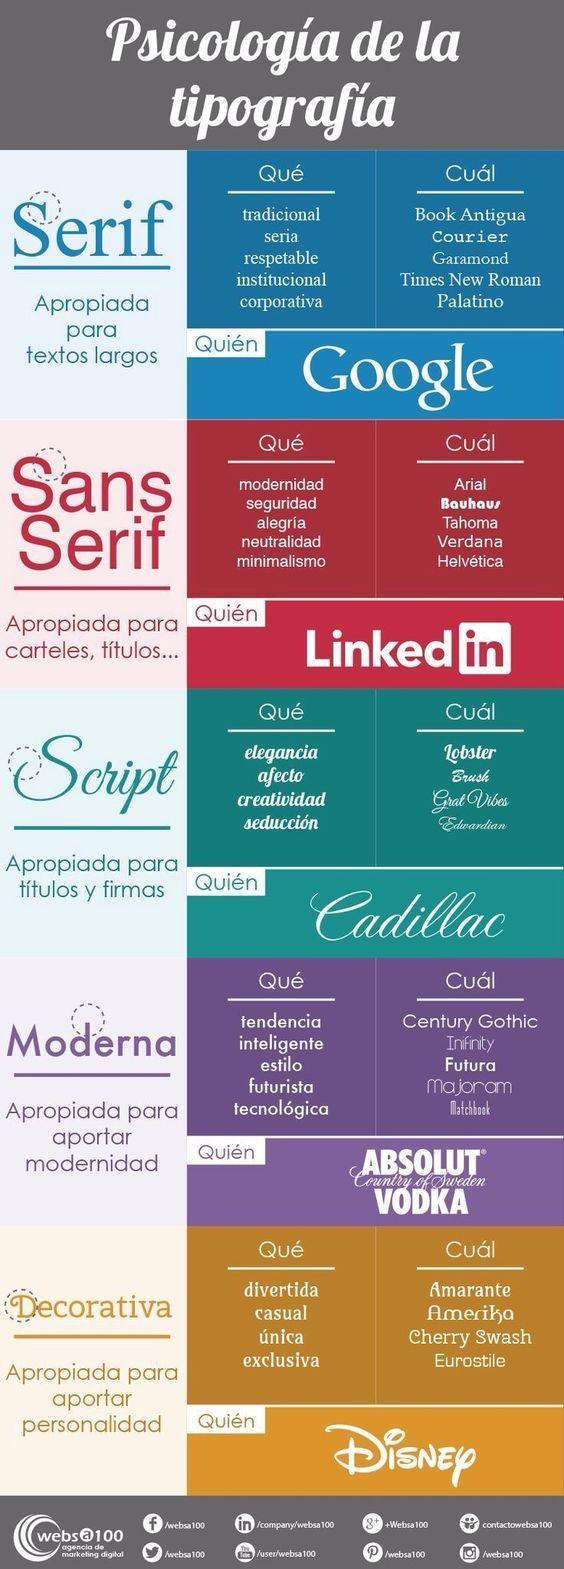 psicologia-de-la-tipografia-infografia